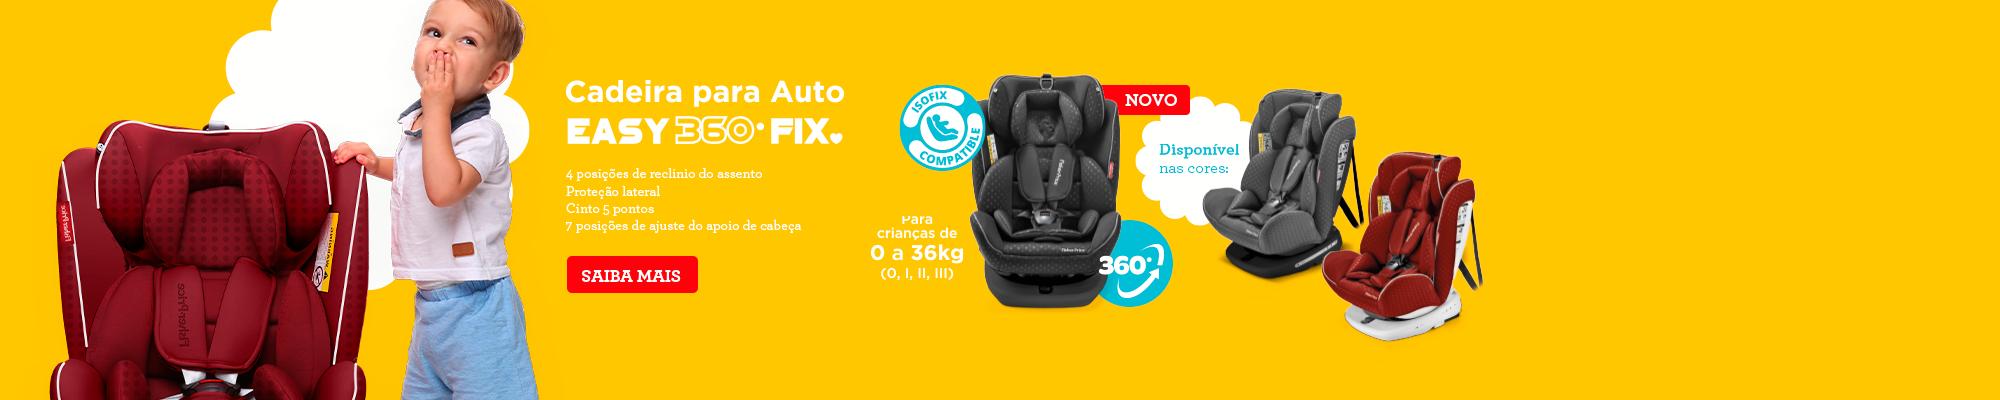 Cadeira para auto easy 360 - 2000x400